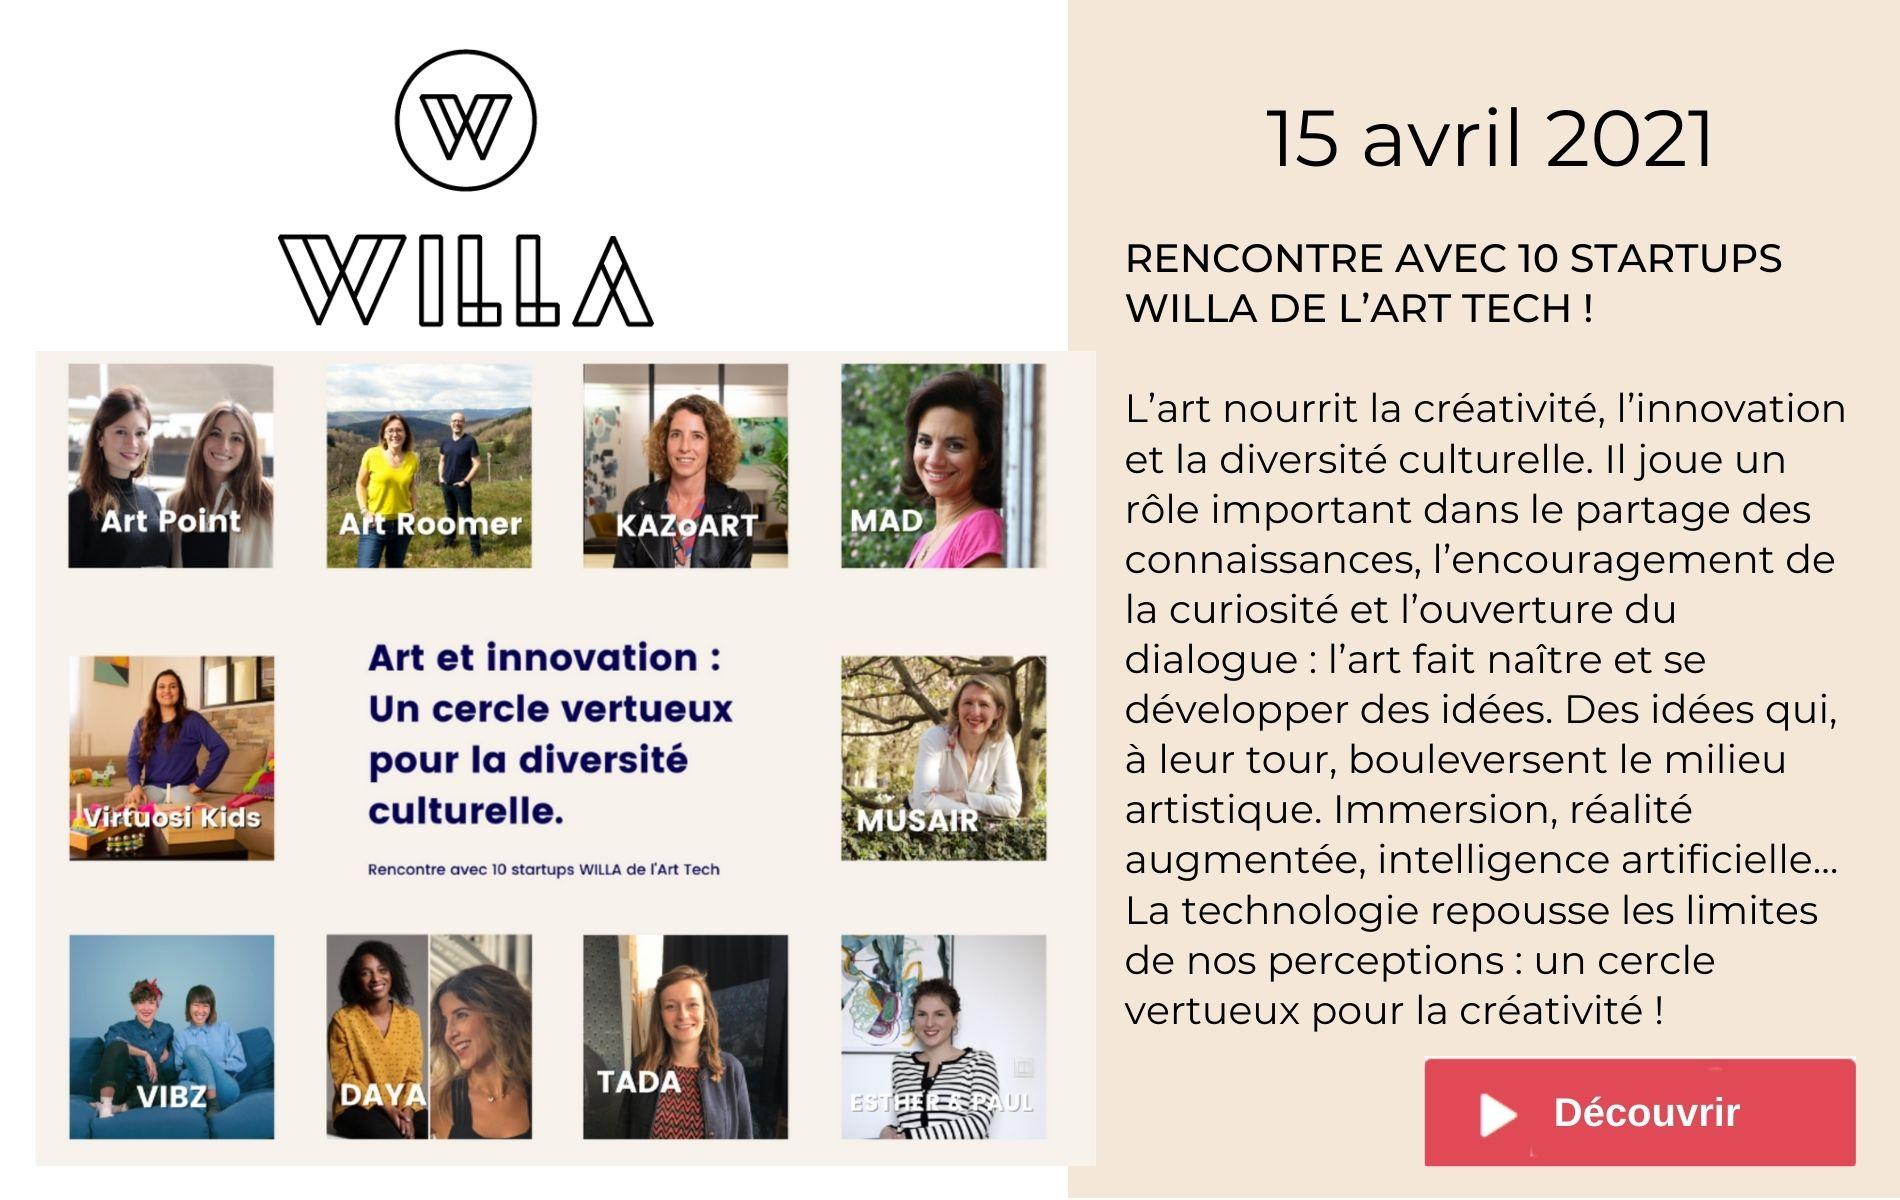 Musair startup de willa paris pionnières arttech